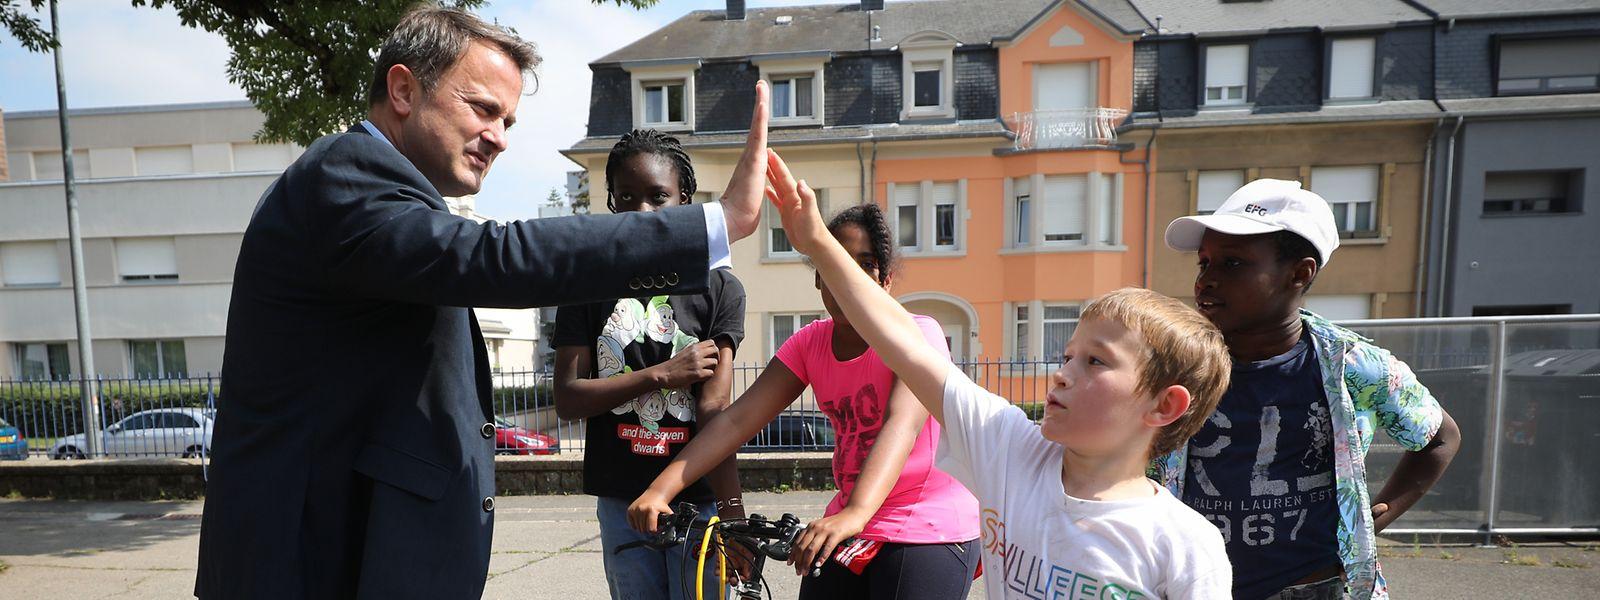 Le Premier ministre Xavier Bettel était de retour dans la cour de l'école primaire de Bonnevoie pour son interview d'été avec le «Luxemburger Wort».